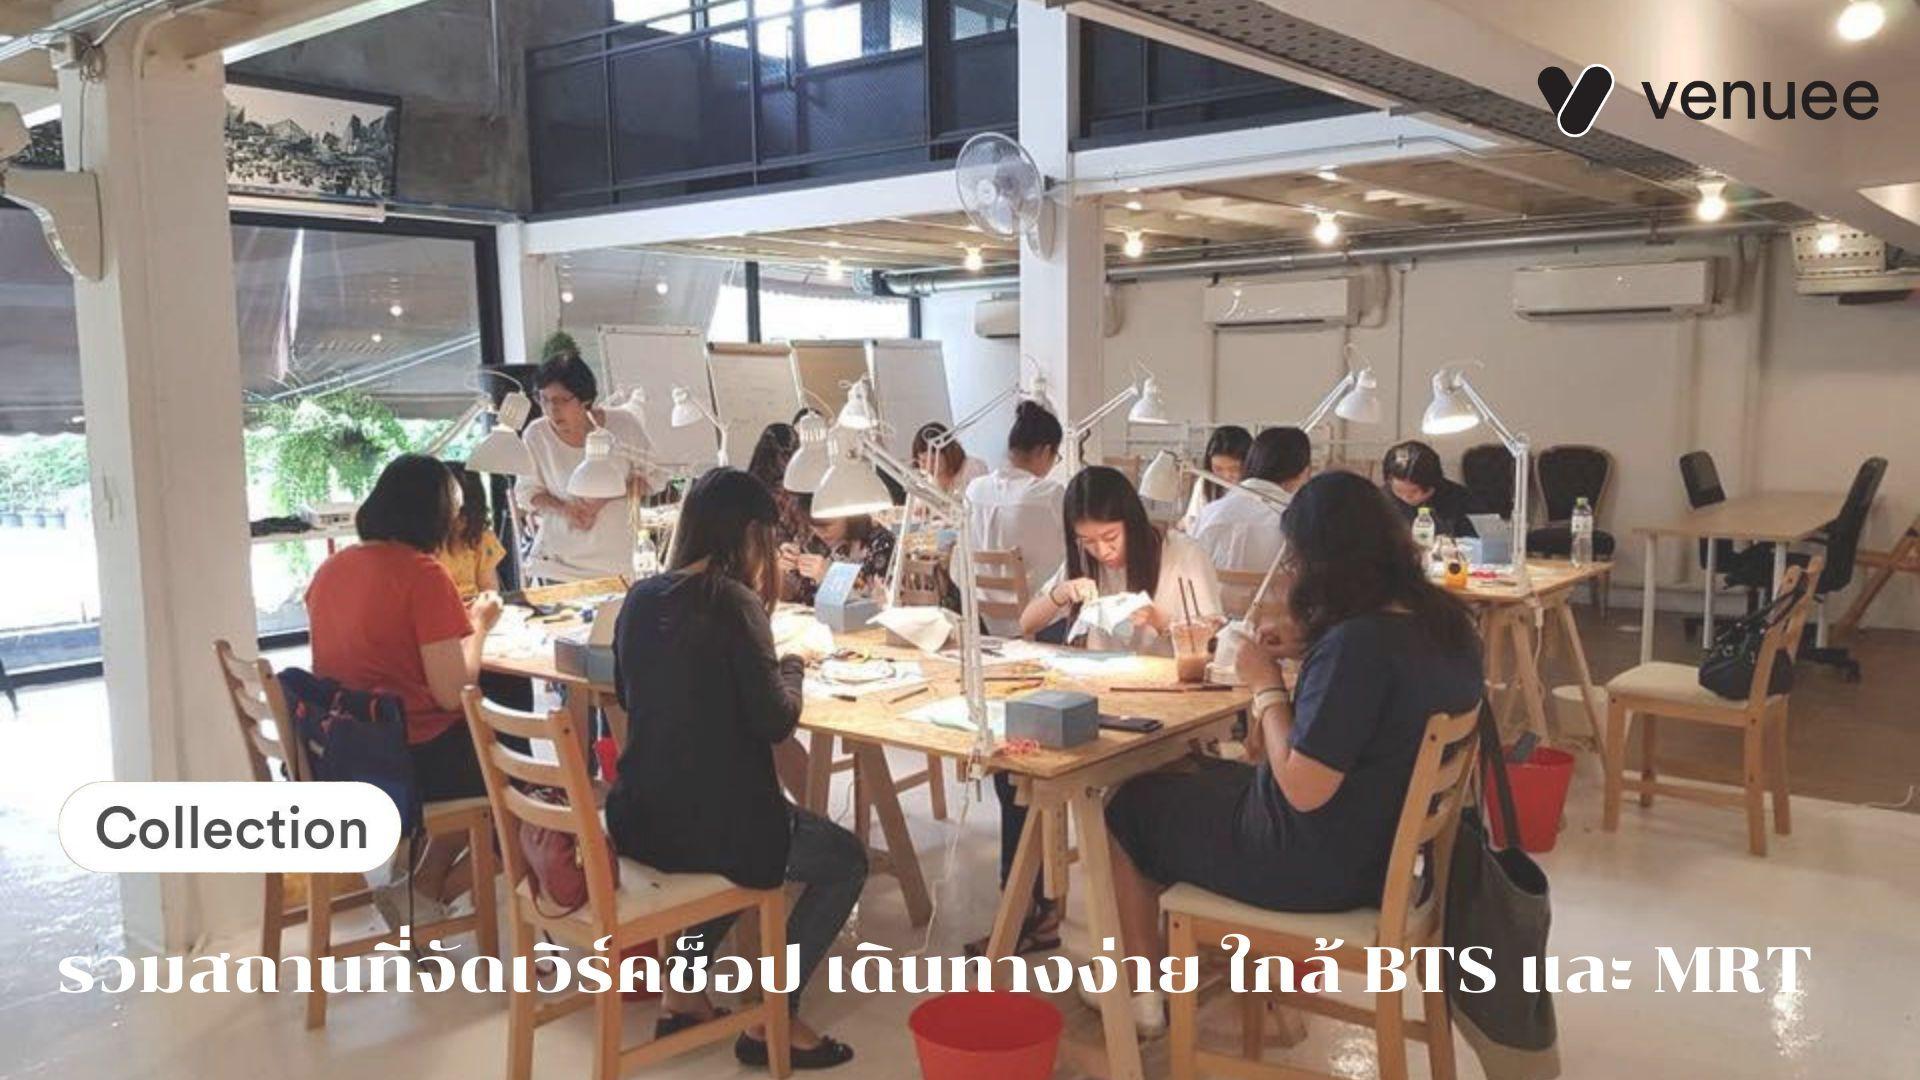 รวมสถานที่จัดเวิร์คช็อป เดินทางง่าย ใกล้ BTS และ MRT